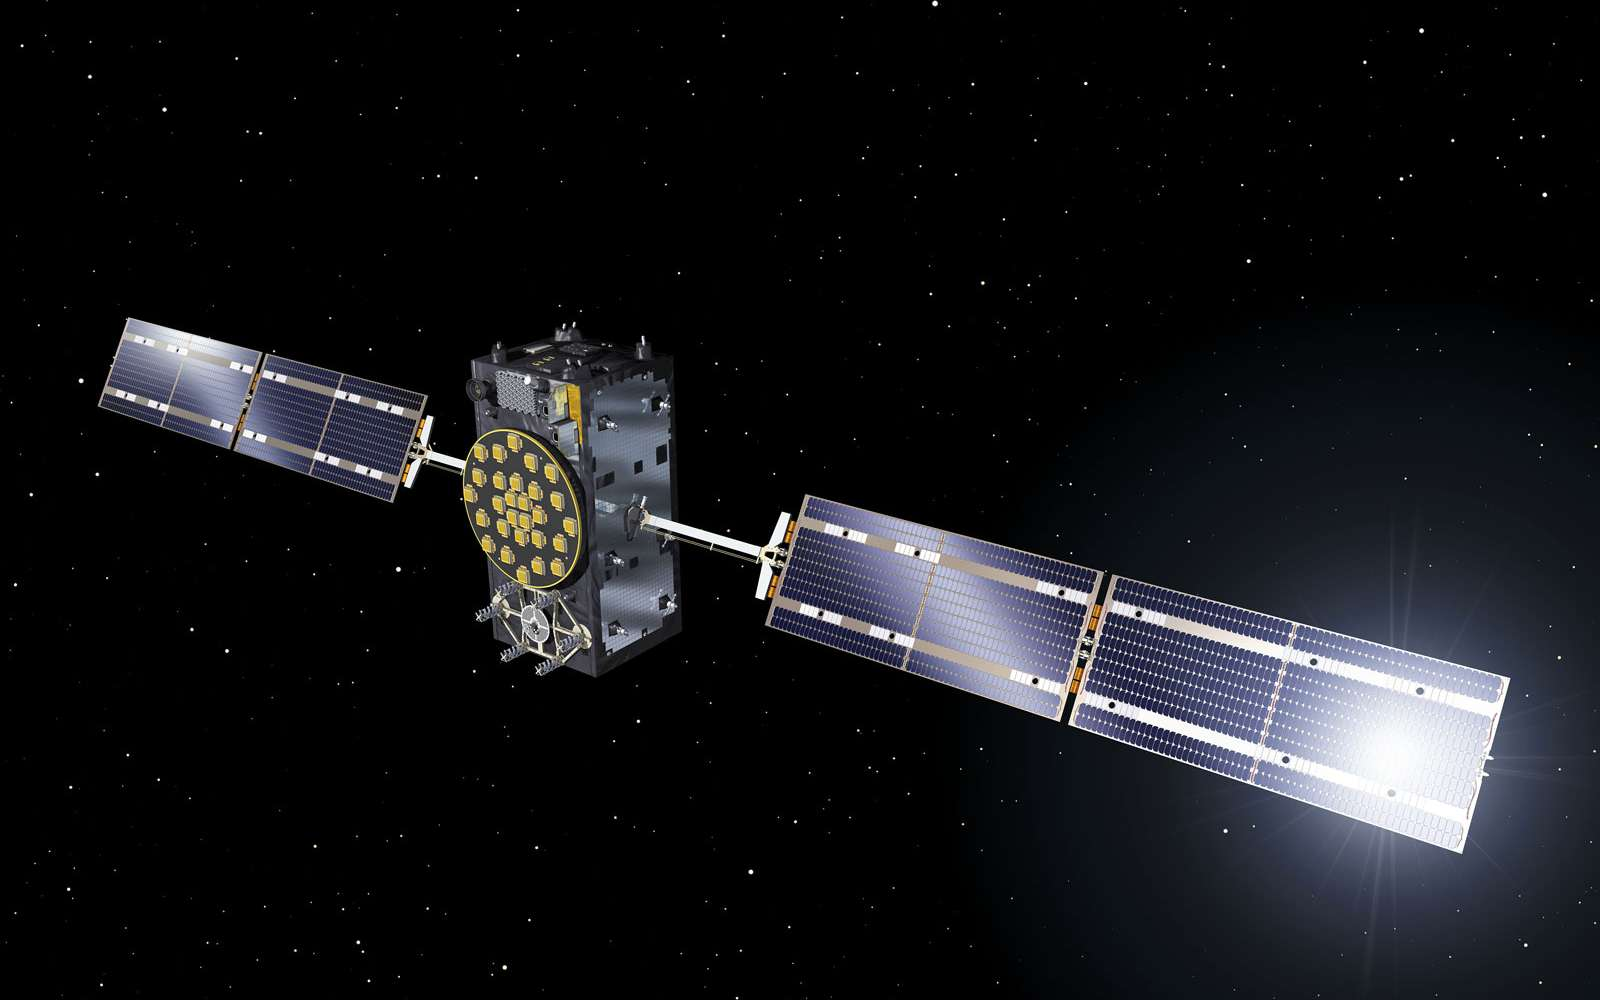 Les deux satellites Galileo lancés sur une mauvaise orbite ont été construits par la firme allemande OHB. Ils embarquent une charge utile fournie par SSTL (Surrey Satelitte Technology Ltd, UK), filiale d'Airbus Espace. © Esa, J. Huart